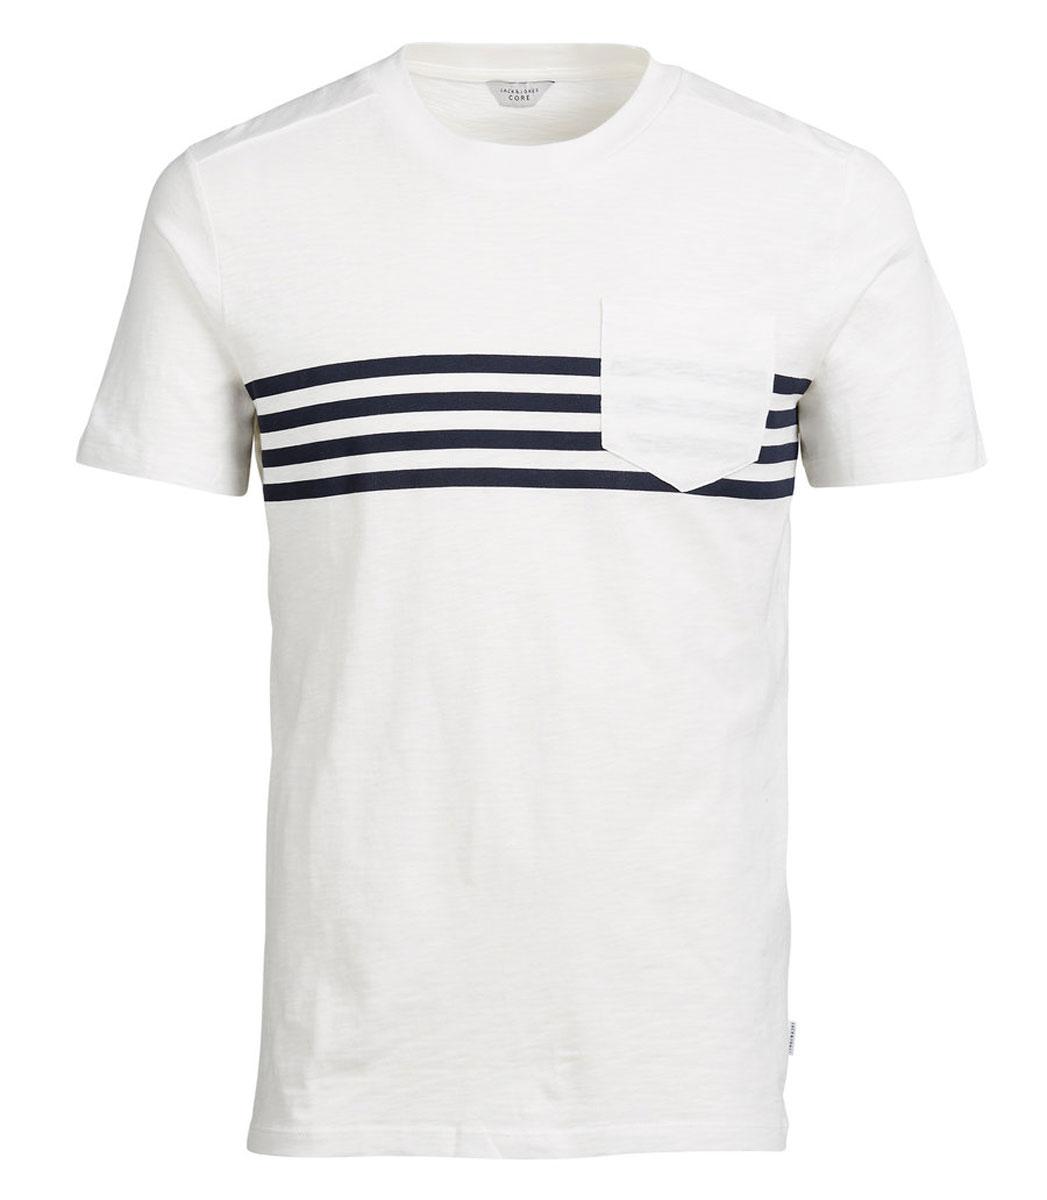 Футболка мужская Jack & Jones, цвет: молочный. 12110008. Размер L (48)12110008_Blanc de BlancСтильная мужская футболка Jack & Jones, выполненная из хлопка и полиэстера, обладает высокой теплопроводностью, воздухопроницаемостью и гигроскопичностью. Она необычайно мягкая и приятная на ощупь, не сковывает движения и превосходно пропускает воздух. Такая футболка превосходно подойдет как для занятий спортом, так и для повседневной носки.Модель с короткими рукавами и круглым вырезом горловины - идеальный вариант для создания модного современного образа. Футболка оформлена контрастными полосками и дополнена небольшим нагрудным кармашком. Эта модель подарит вам комфорт в течение всего дня и послужит замечательным дополнением к вашему гардеробу.